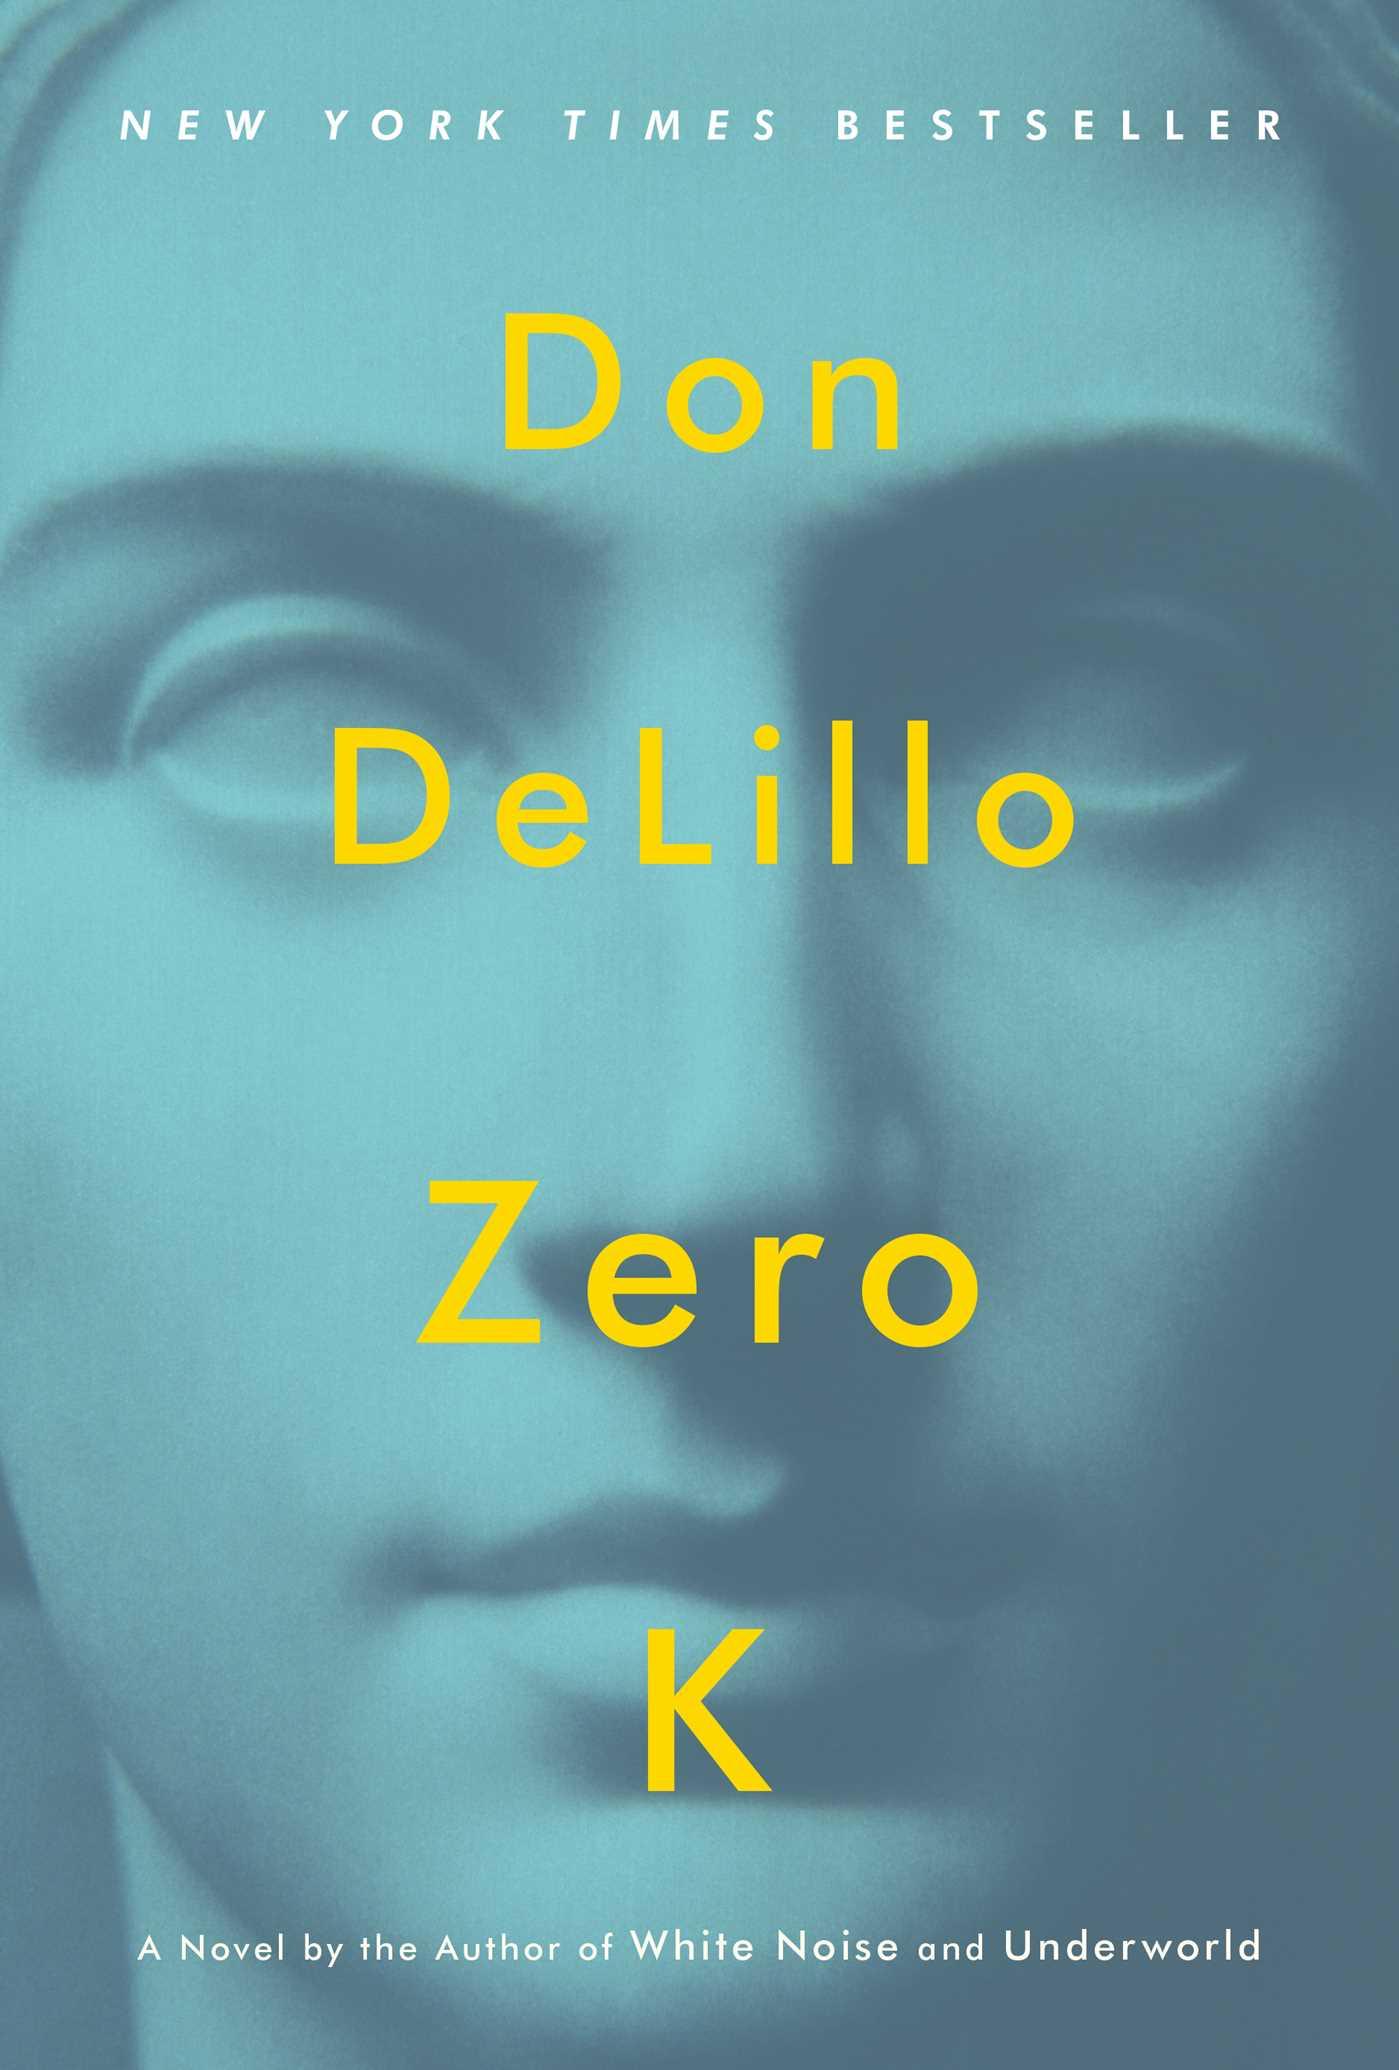 La copertina dell'edizione Simon & Schuster di Zero K